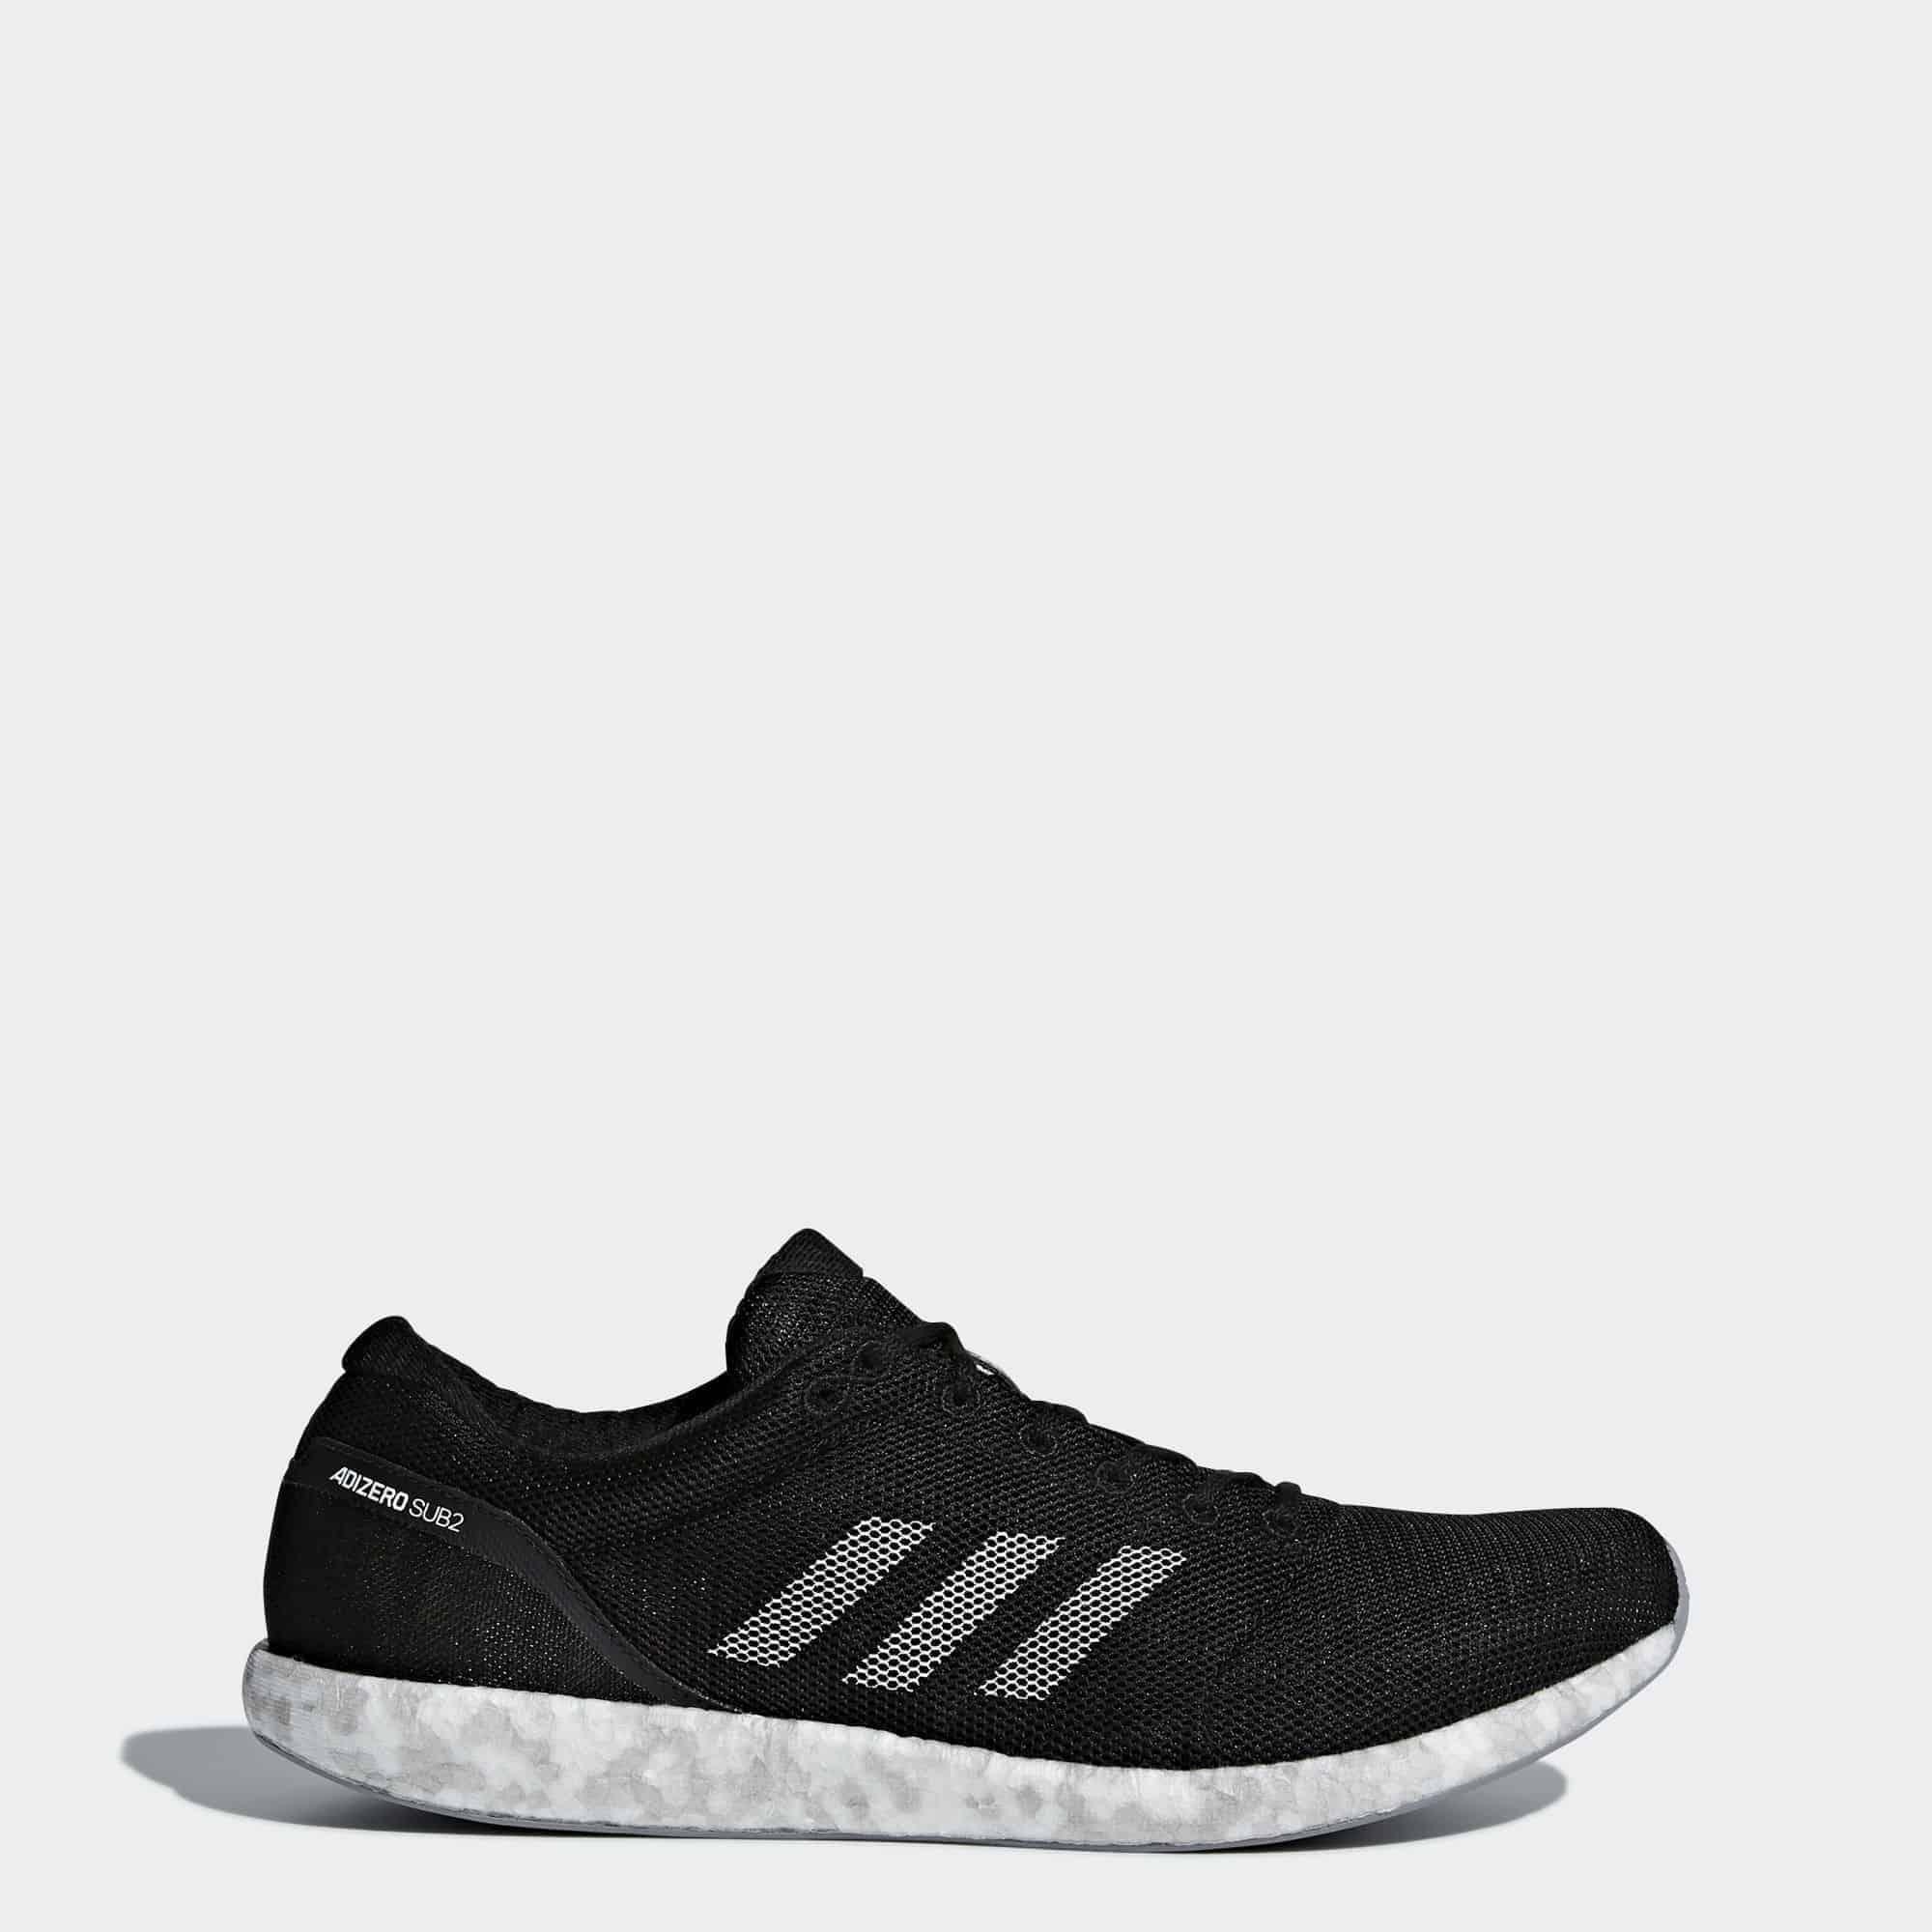 Кроссовки для бега Adidas Adizero Sub 2 мужские